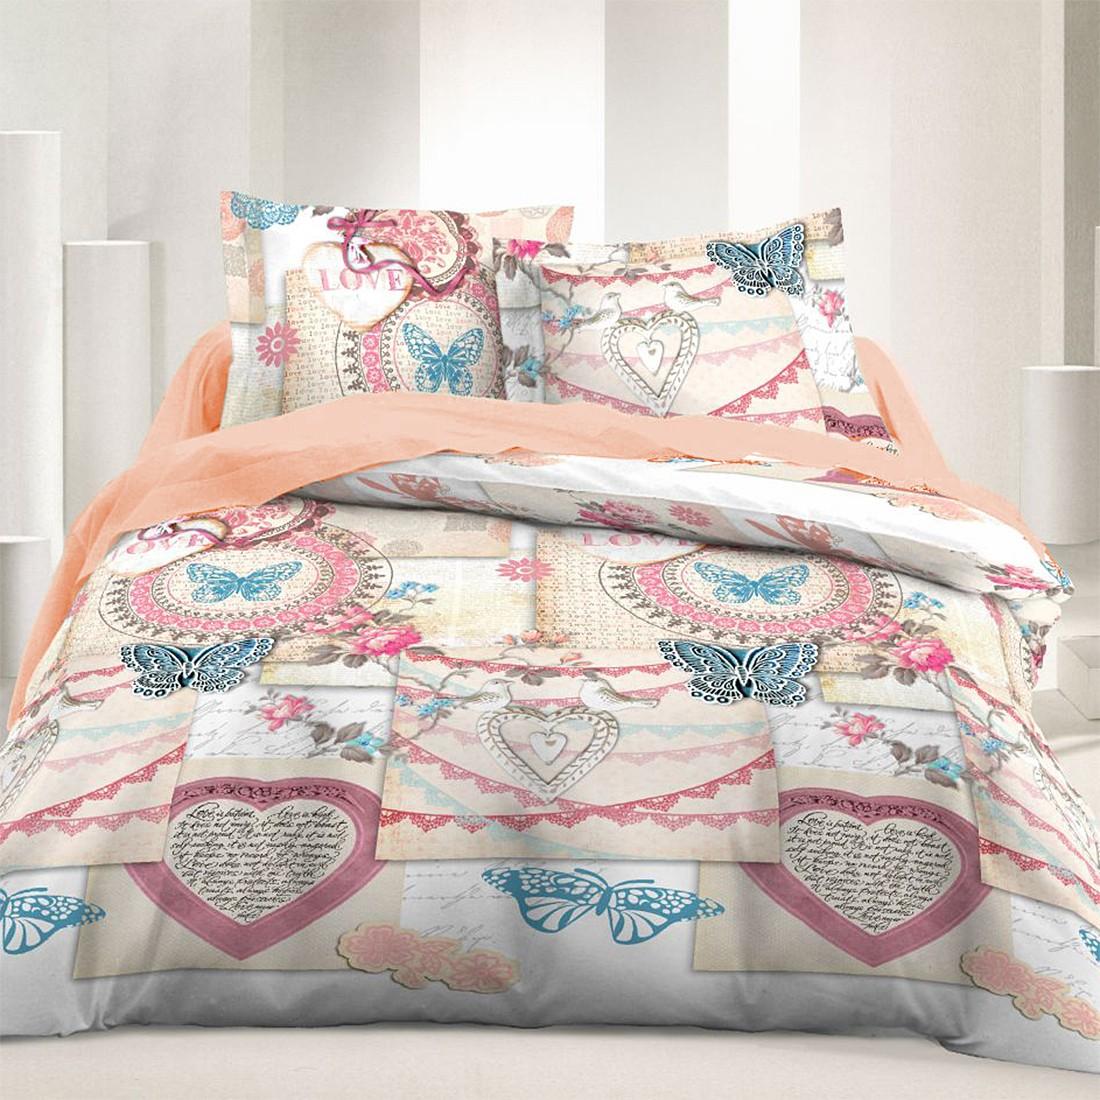 Splendent Vintage Love Cotton Bed Linen Set Cover Pillow Home Textile Quality Duvet Pillow Vintage Love Cotton Bed Linen Set Cover Pillow Cases What Is A Cotton Duvet Cover What Is A Duvet Cover Linen houzz-02 What Is A Duvet Covers